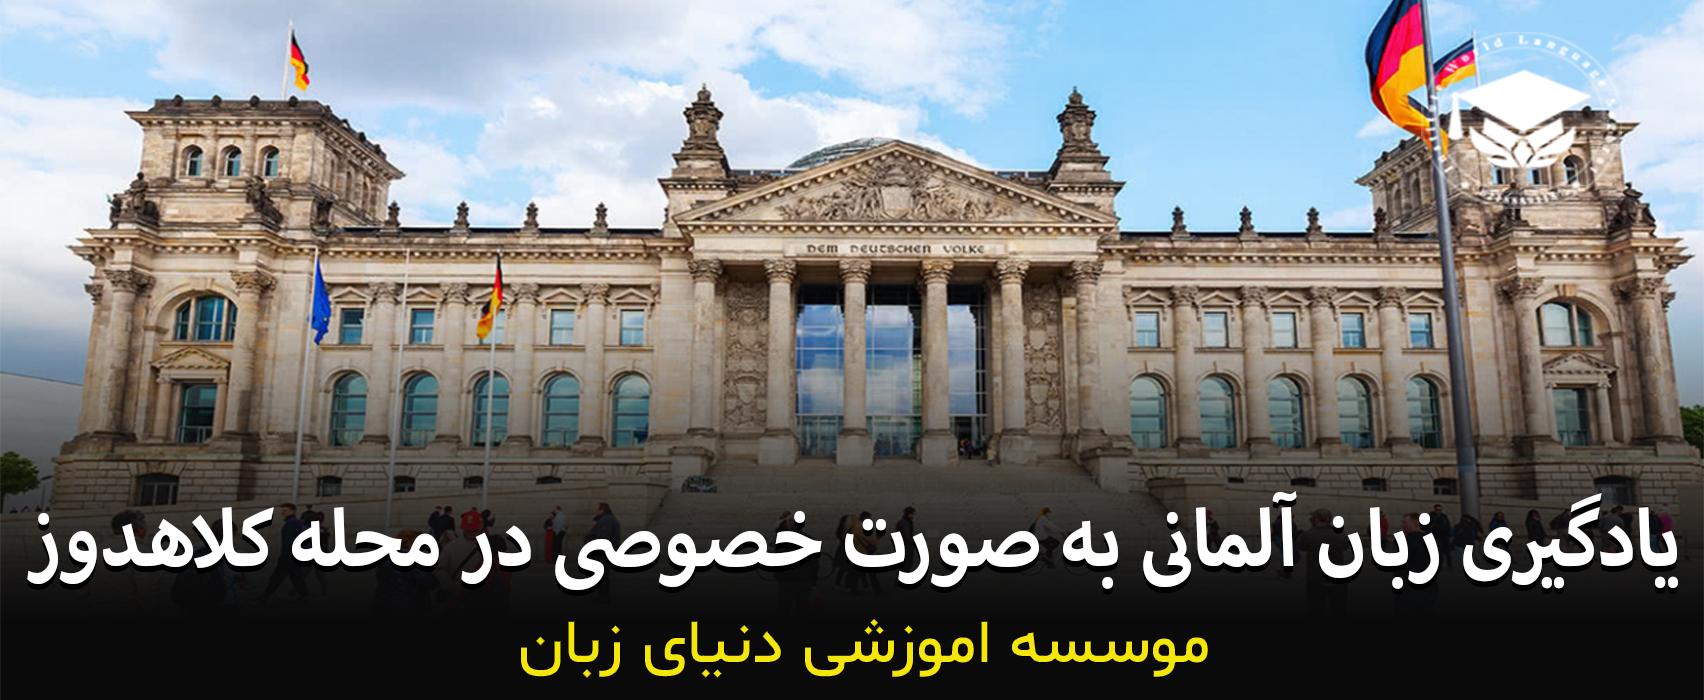 آموزش خصوصی زبان آلمانی در دولت (کلاهدوز)